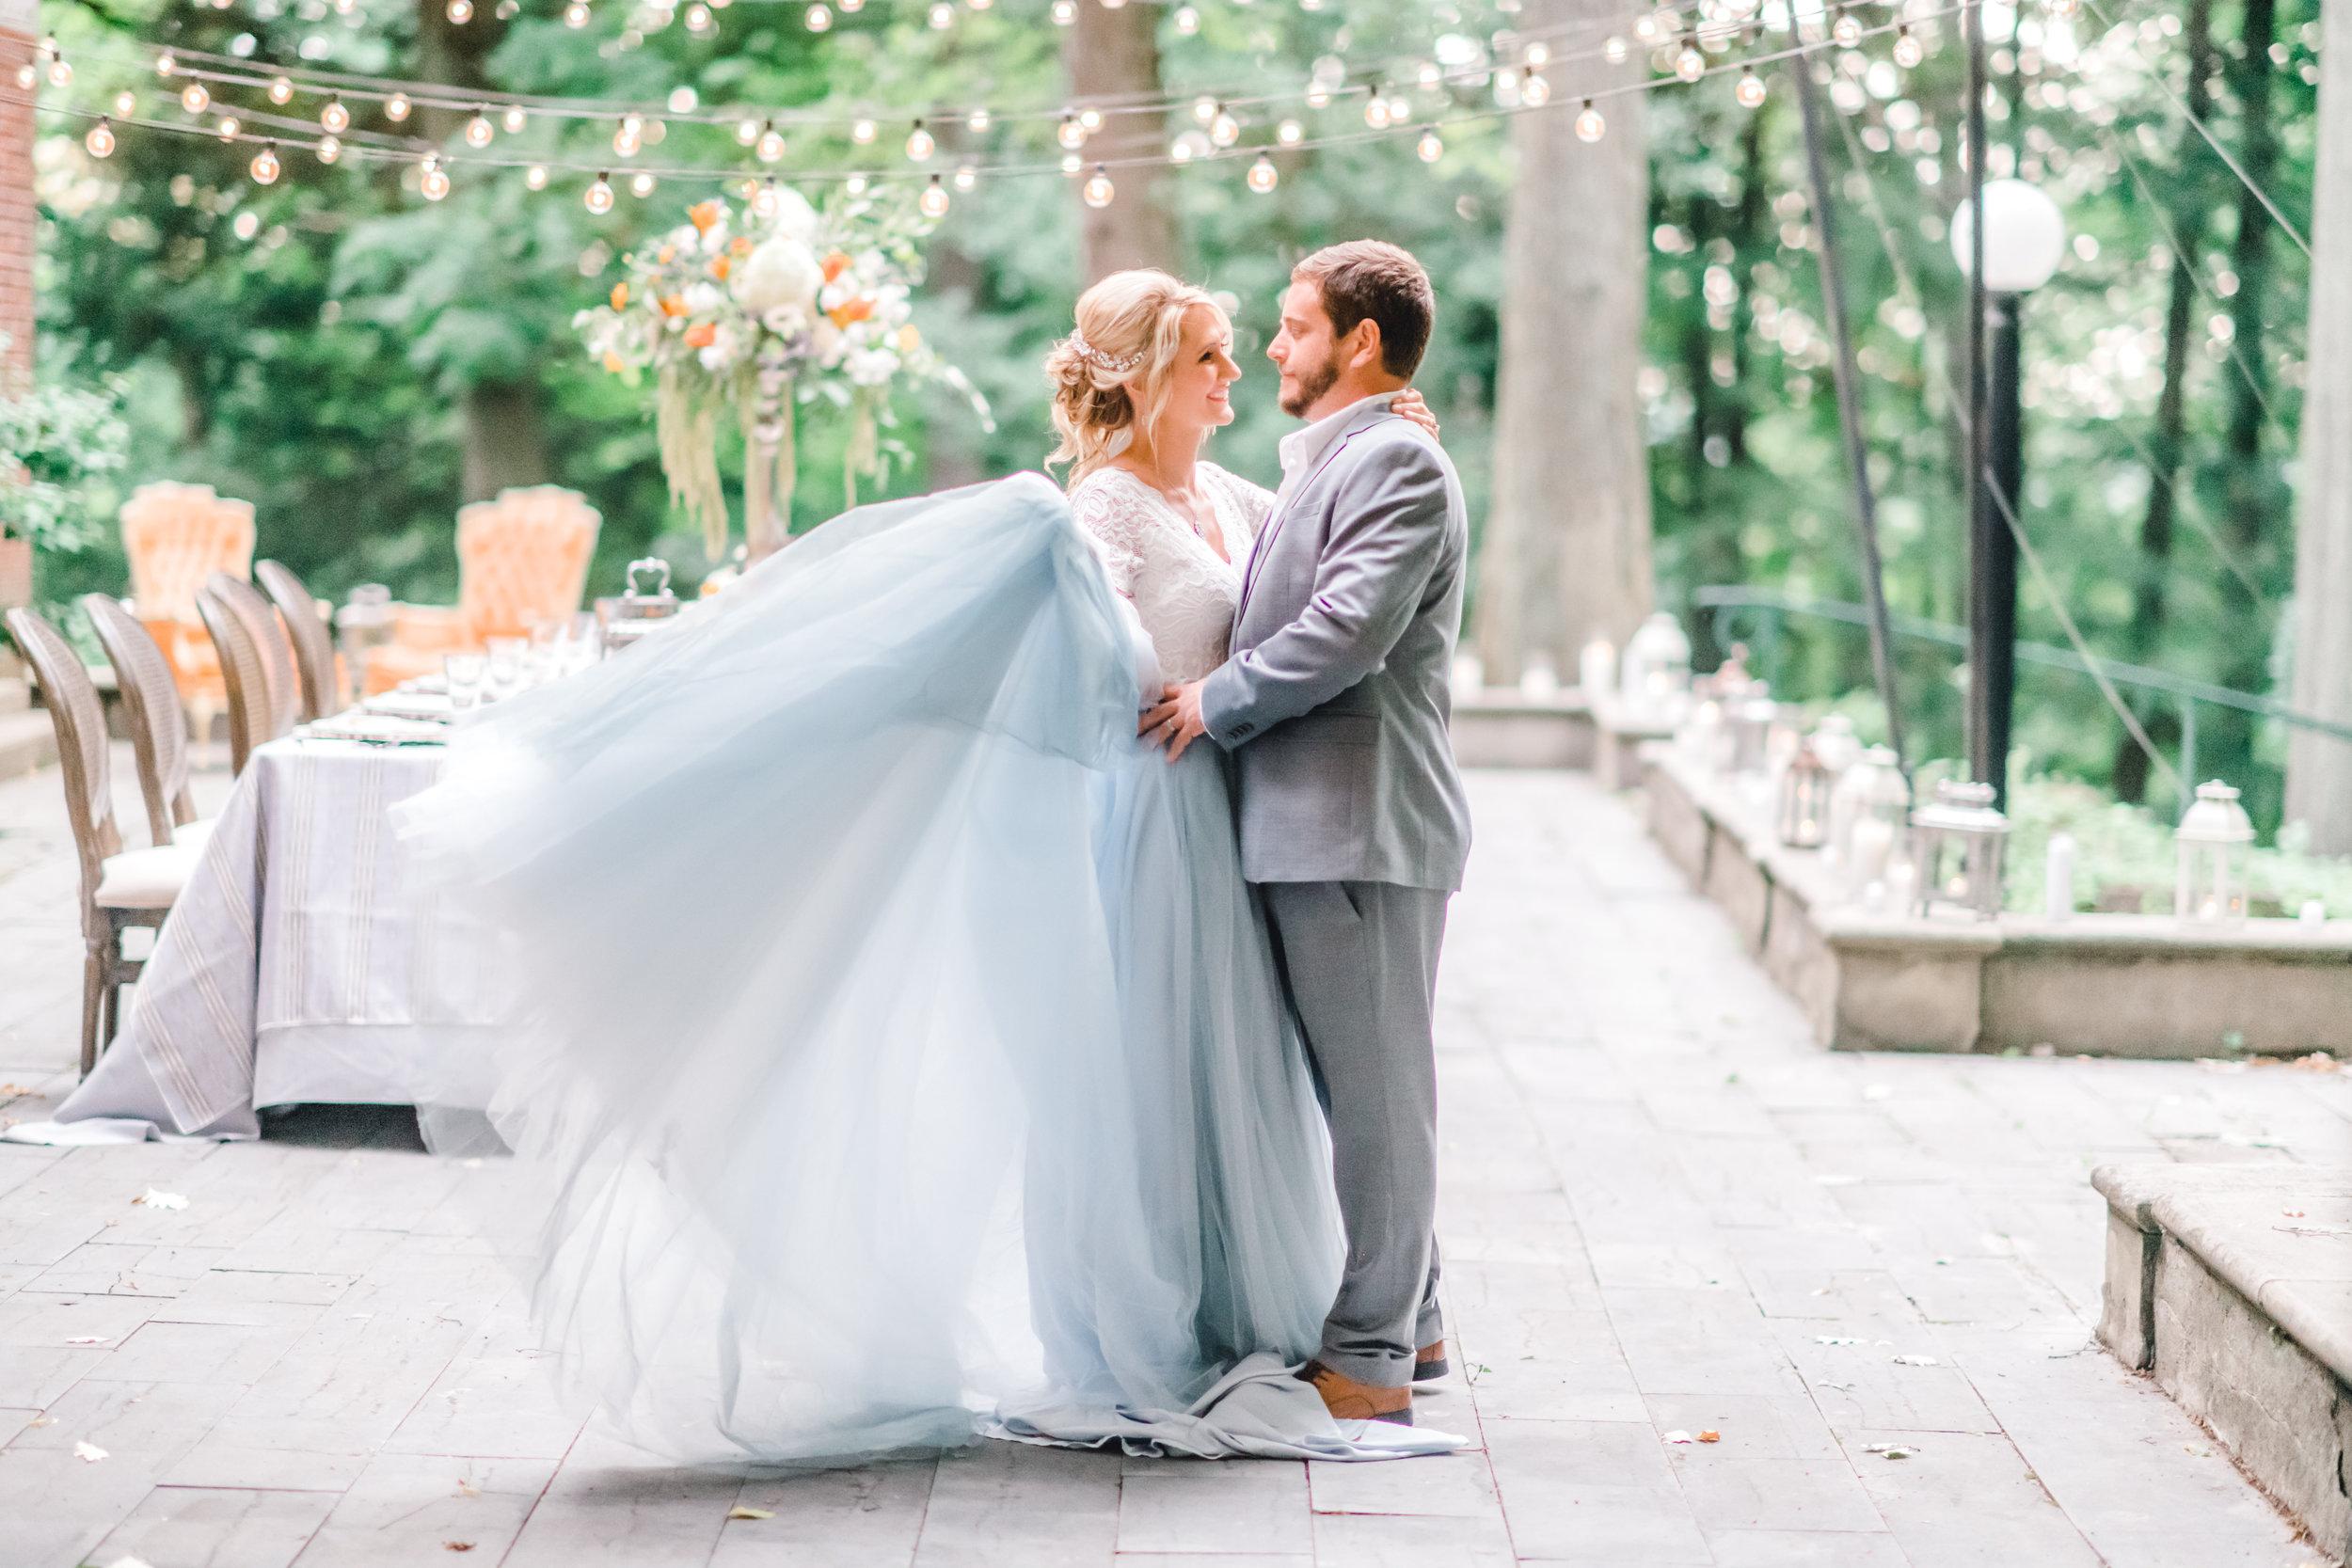 Jessica-Garda-Events-Pittsburgh-Wedding-Planner-Mansion-Butler-Blue-Grey-Orange-Palette (52).jpg